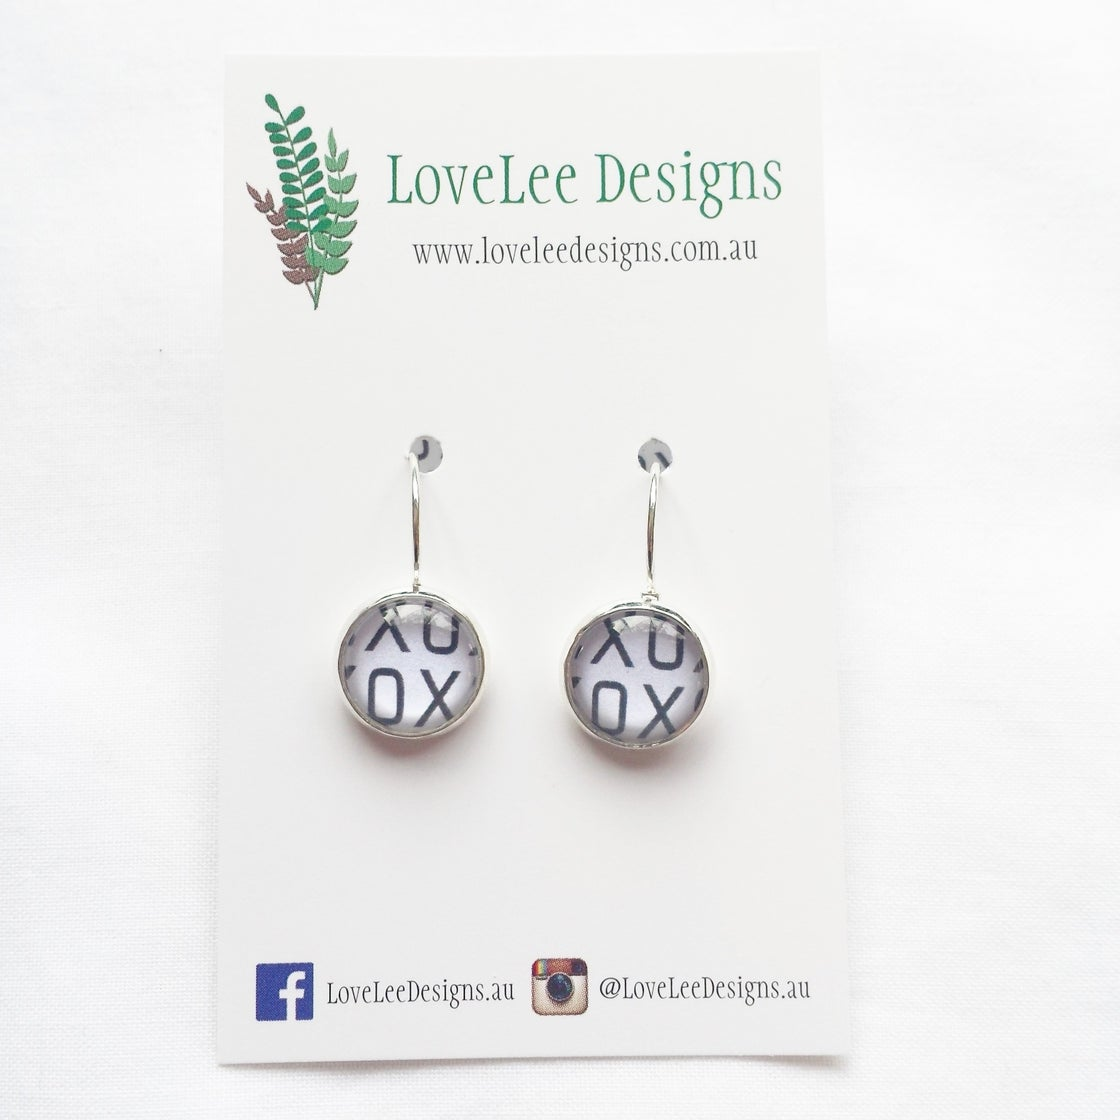 Image of Earrings - XOXO